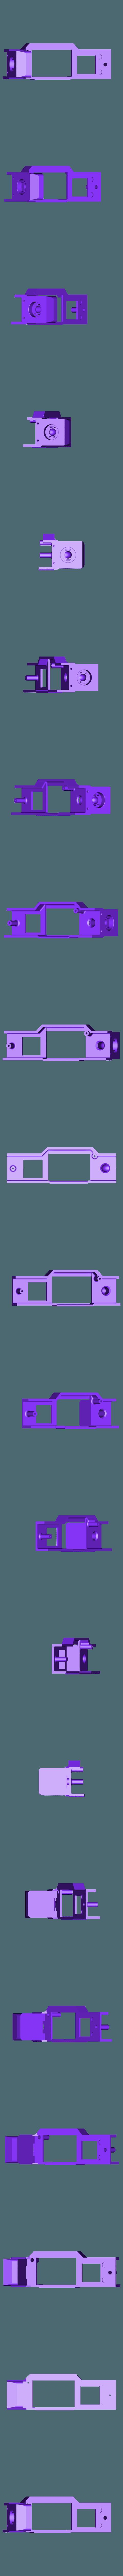 front_base.stl Télécharger fichier STL gratuit EPIC 6 stage coilgun • Objet pour impression 3D, Gyro